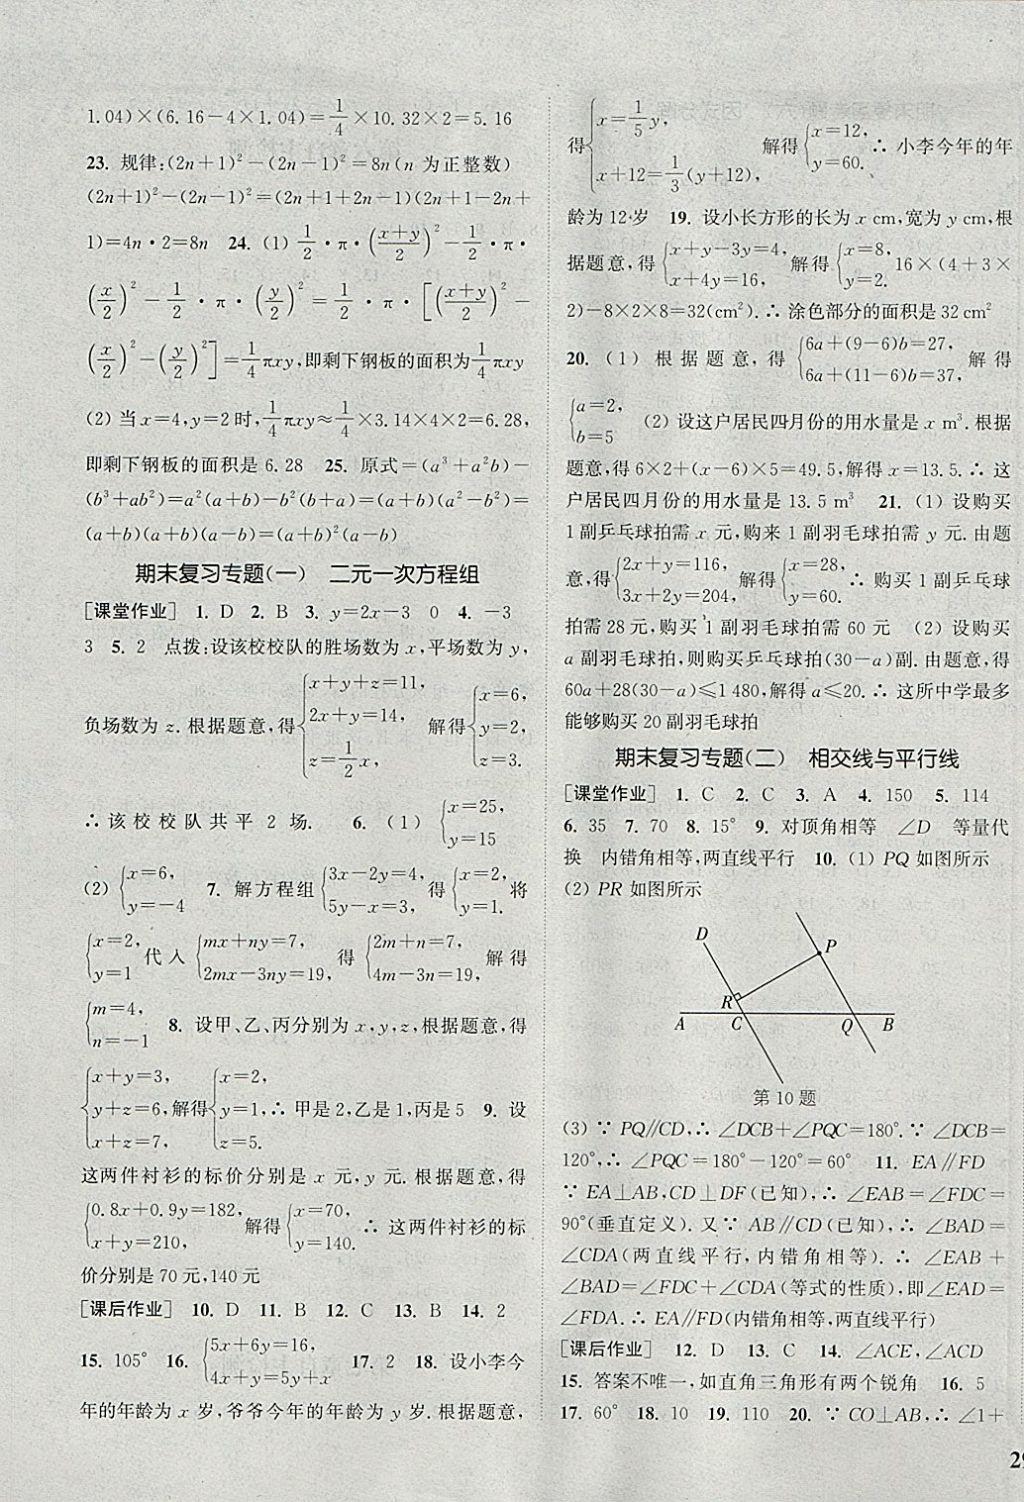 2018年通城学典课时作业本七年级数学下册冀教版参考答案第17页